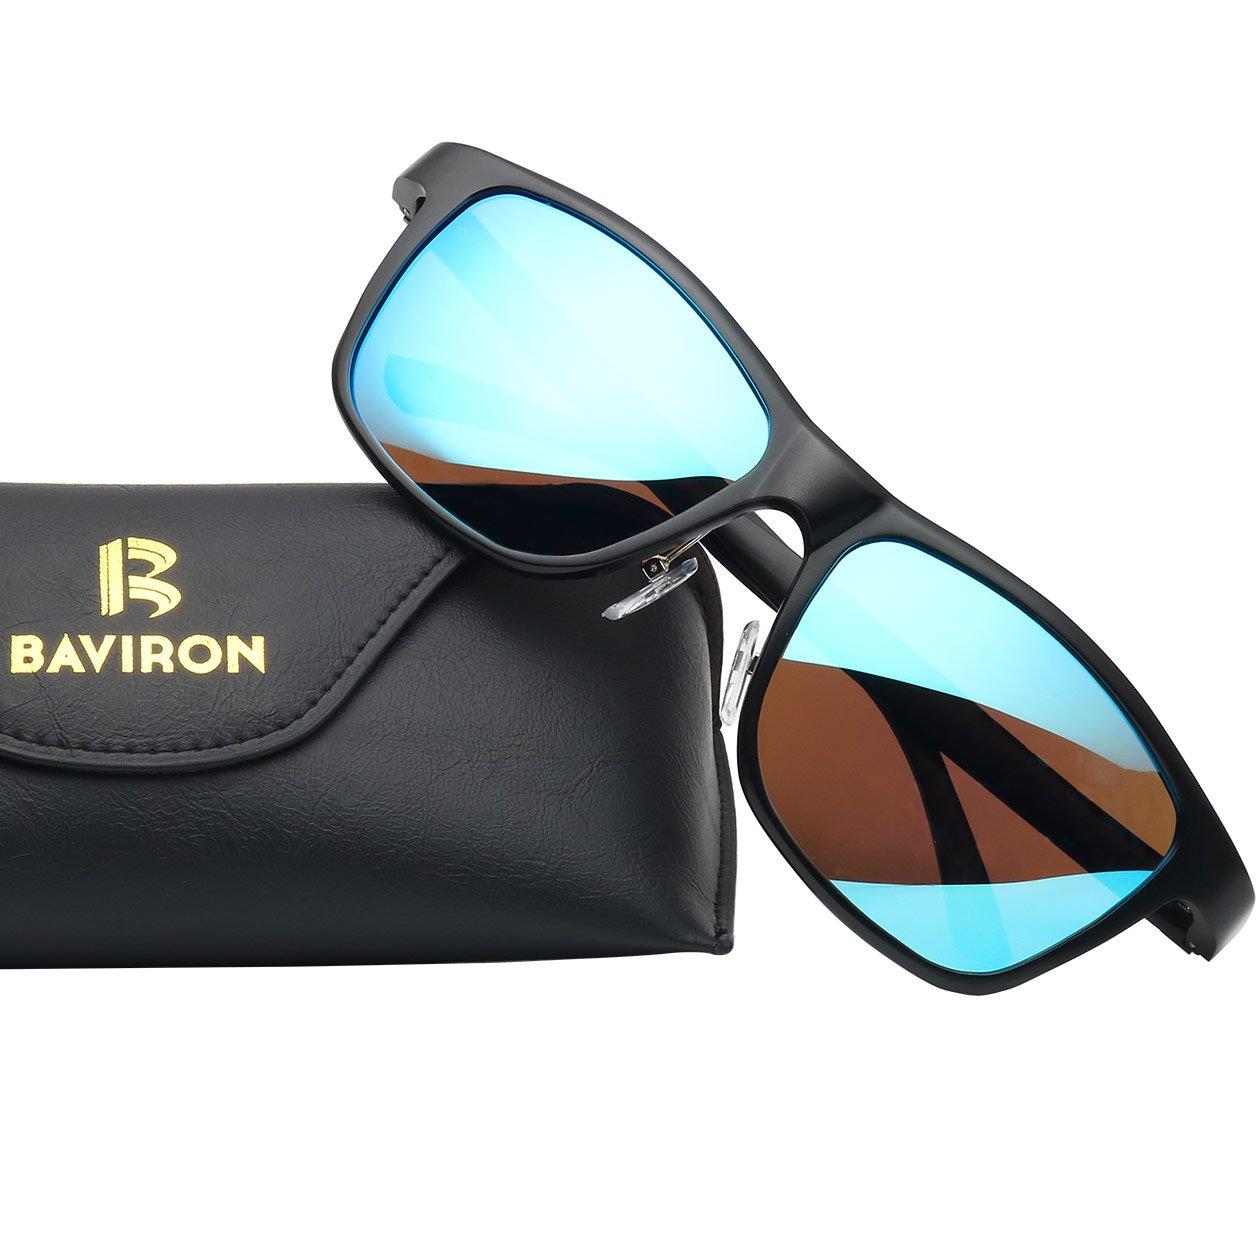 BAVIRONメンズスクエア偏光サングラスヴィンテージ長方形サングラス  ブラック/ブルー B079FMCR7R